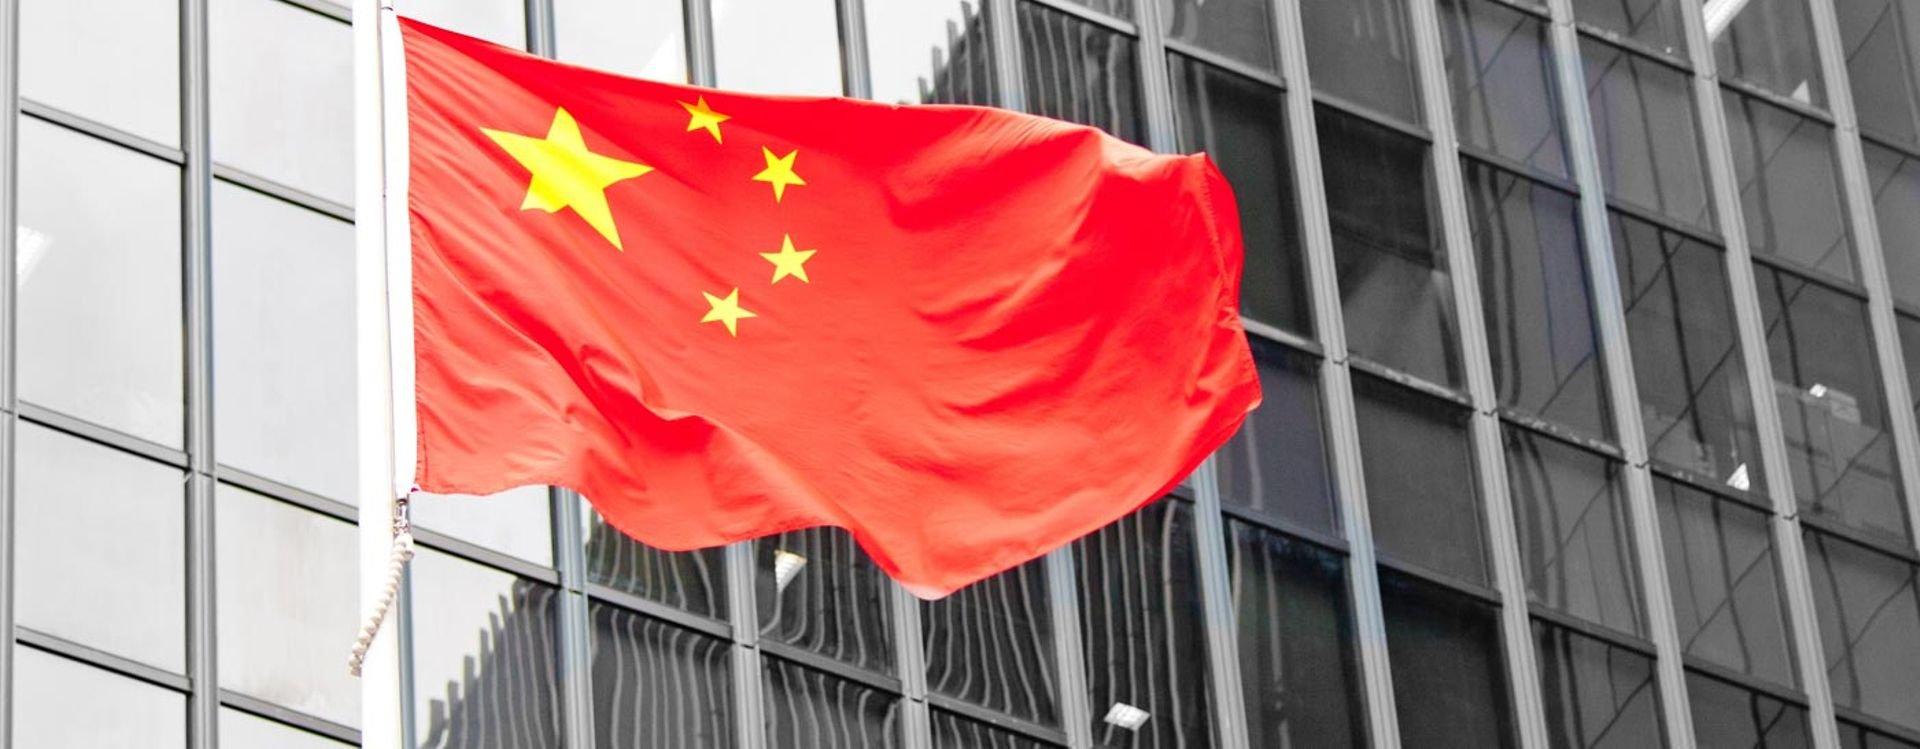 الصناعات التكنولوجية الصينية، هل هي المنافس الجديد؟